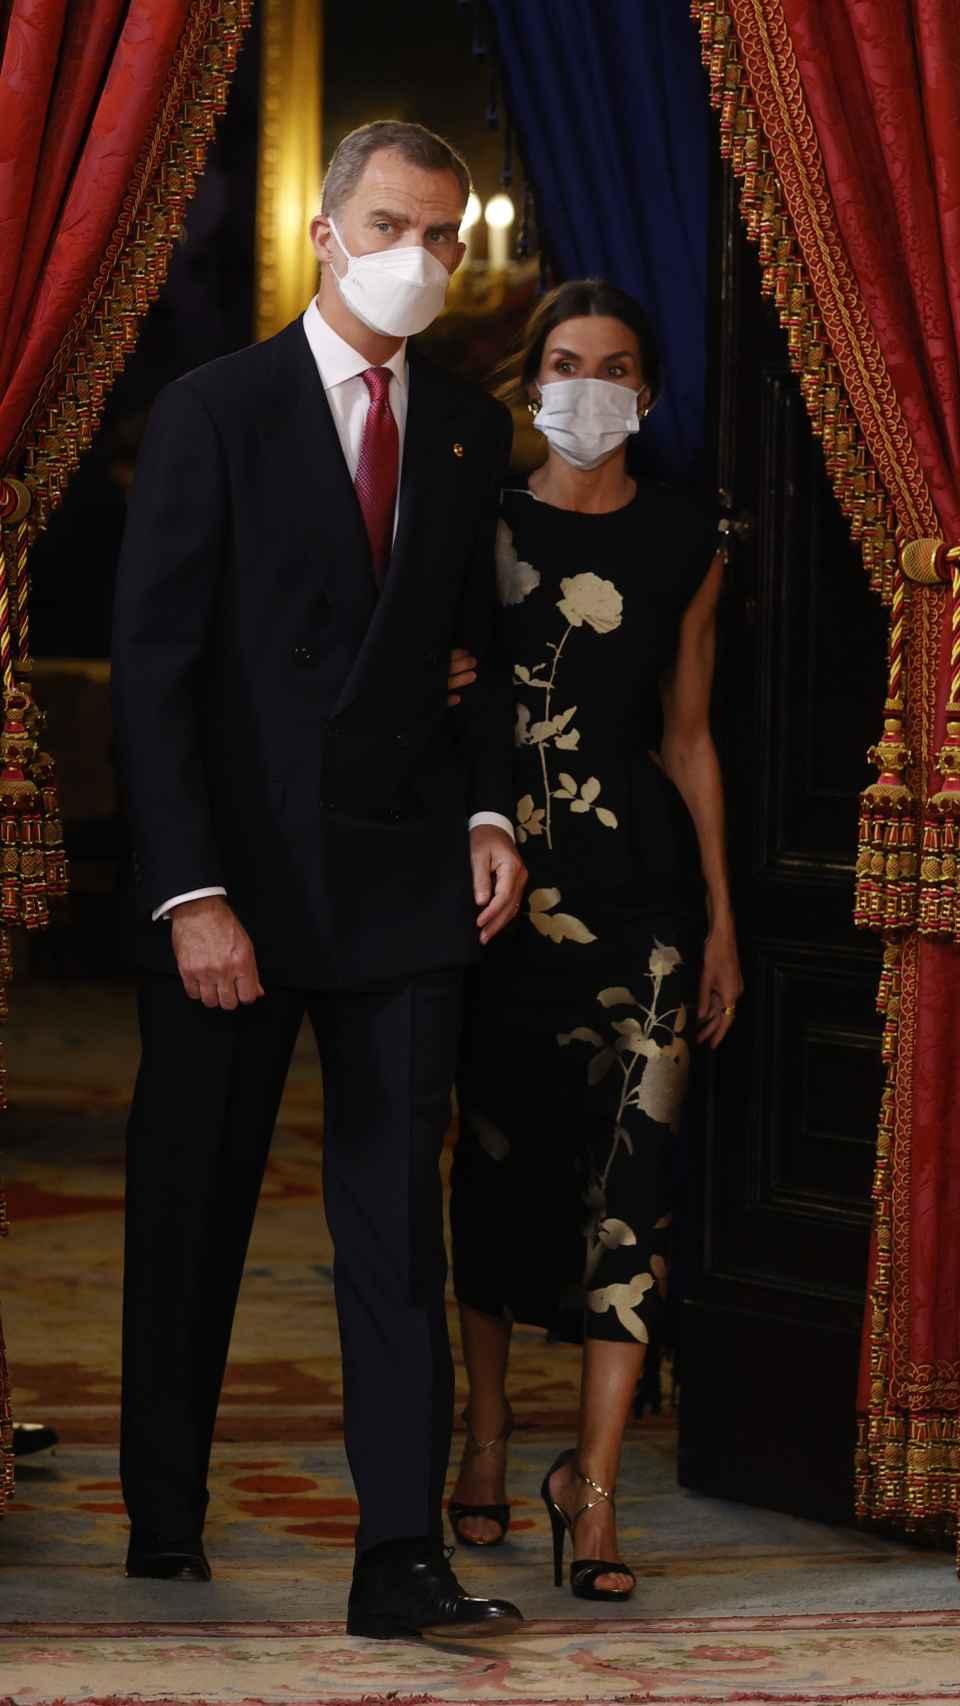 Los Reyes llegando al salón donde han recibido a los invitados.